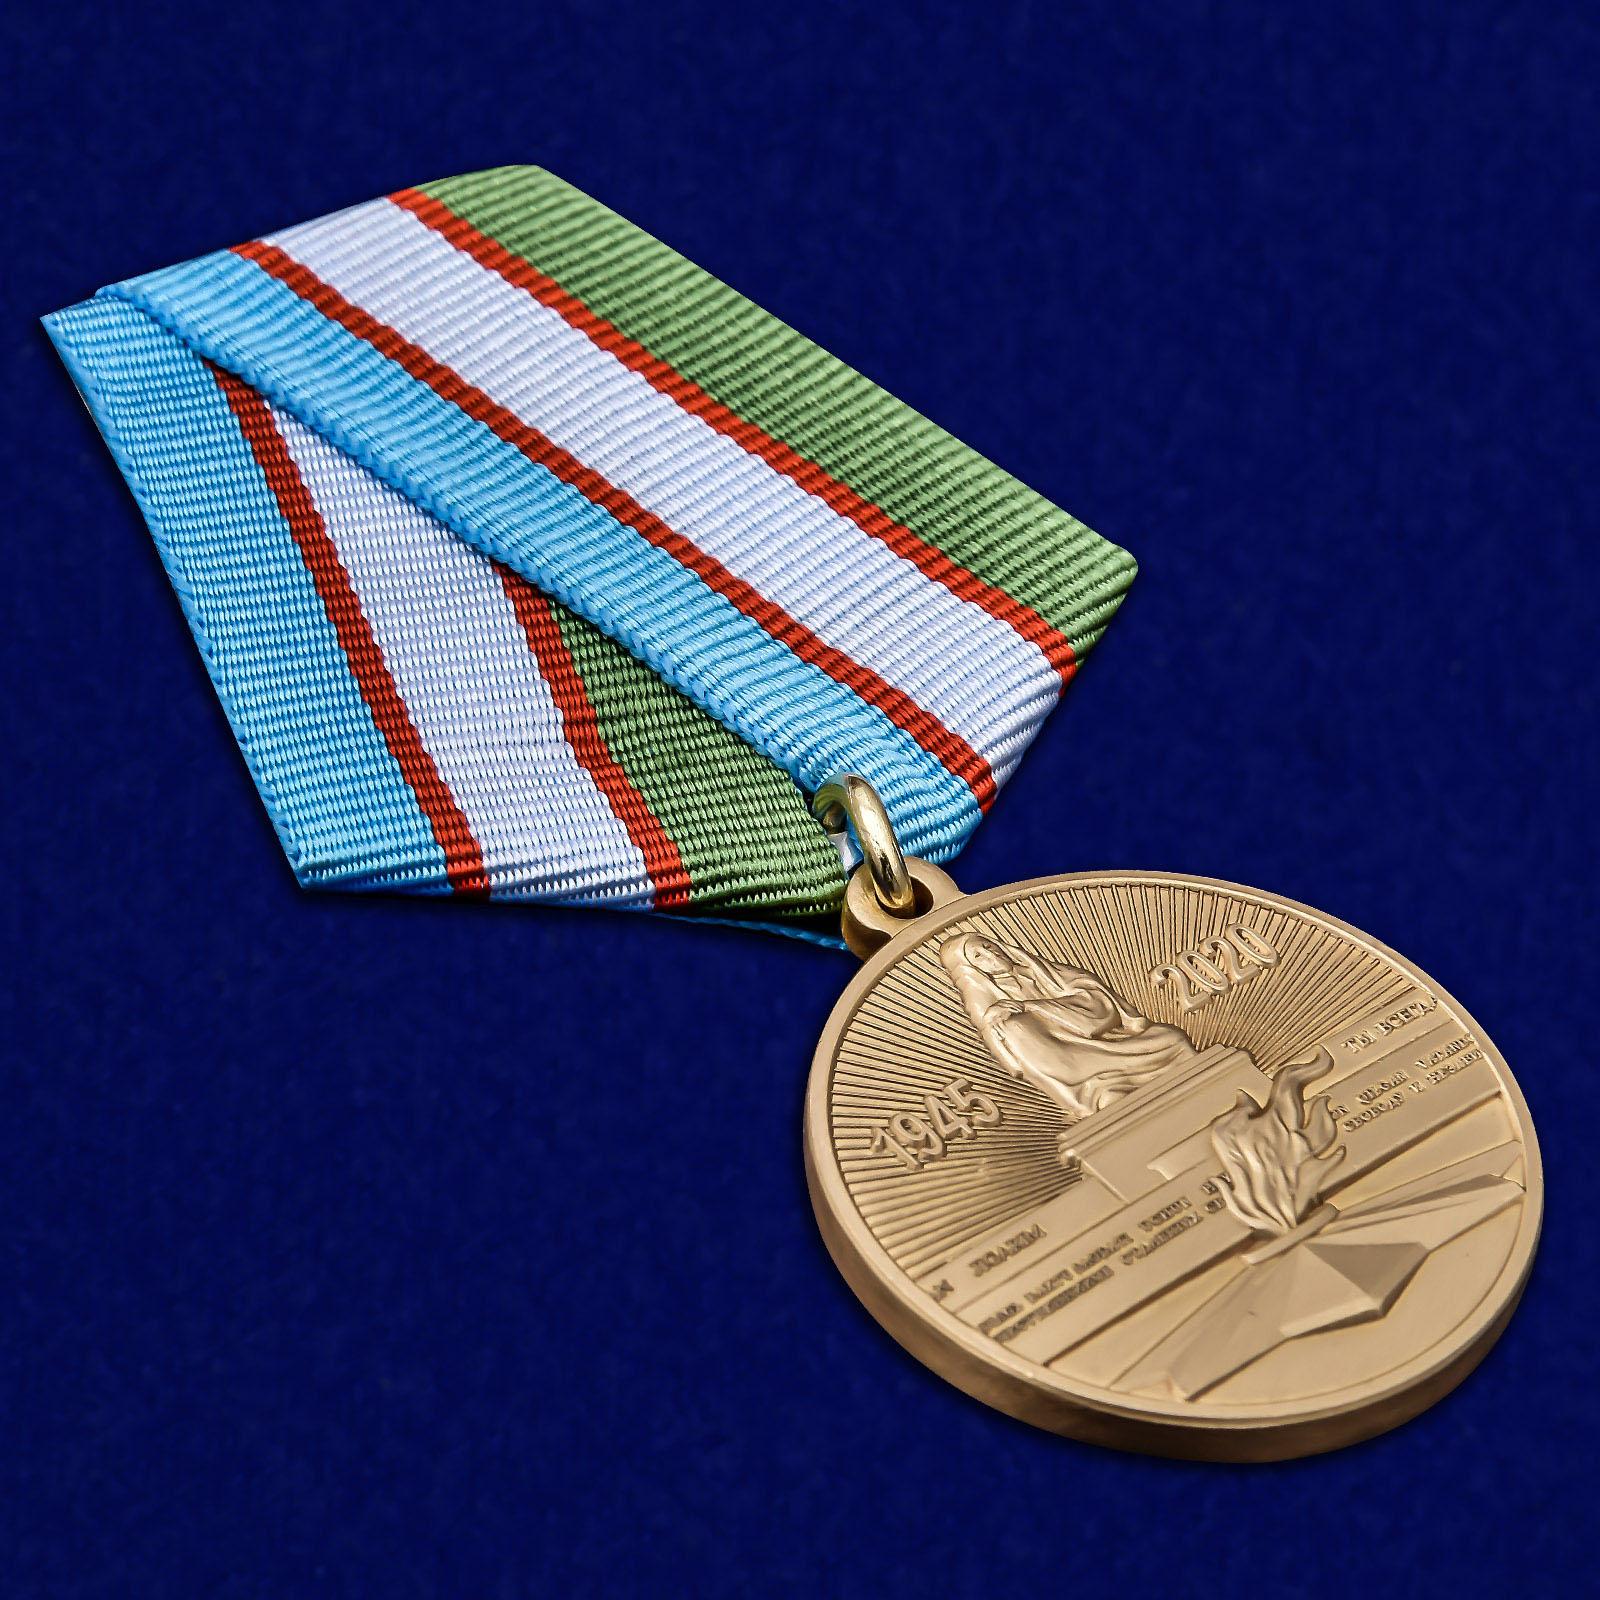 Юбилейная медаль Узбекистана 75 лет Победы во Второй мировой войне - общий вид